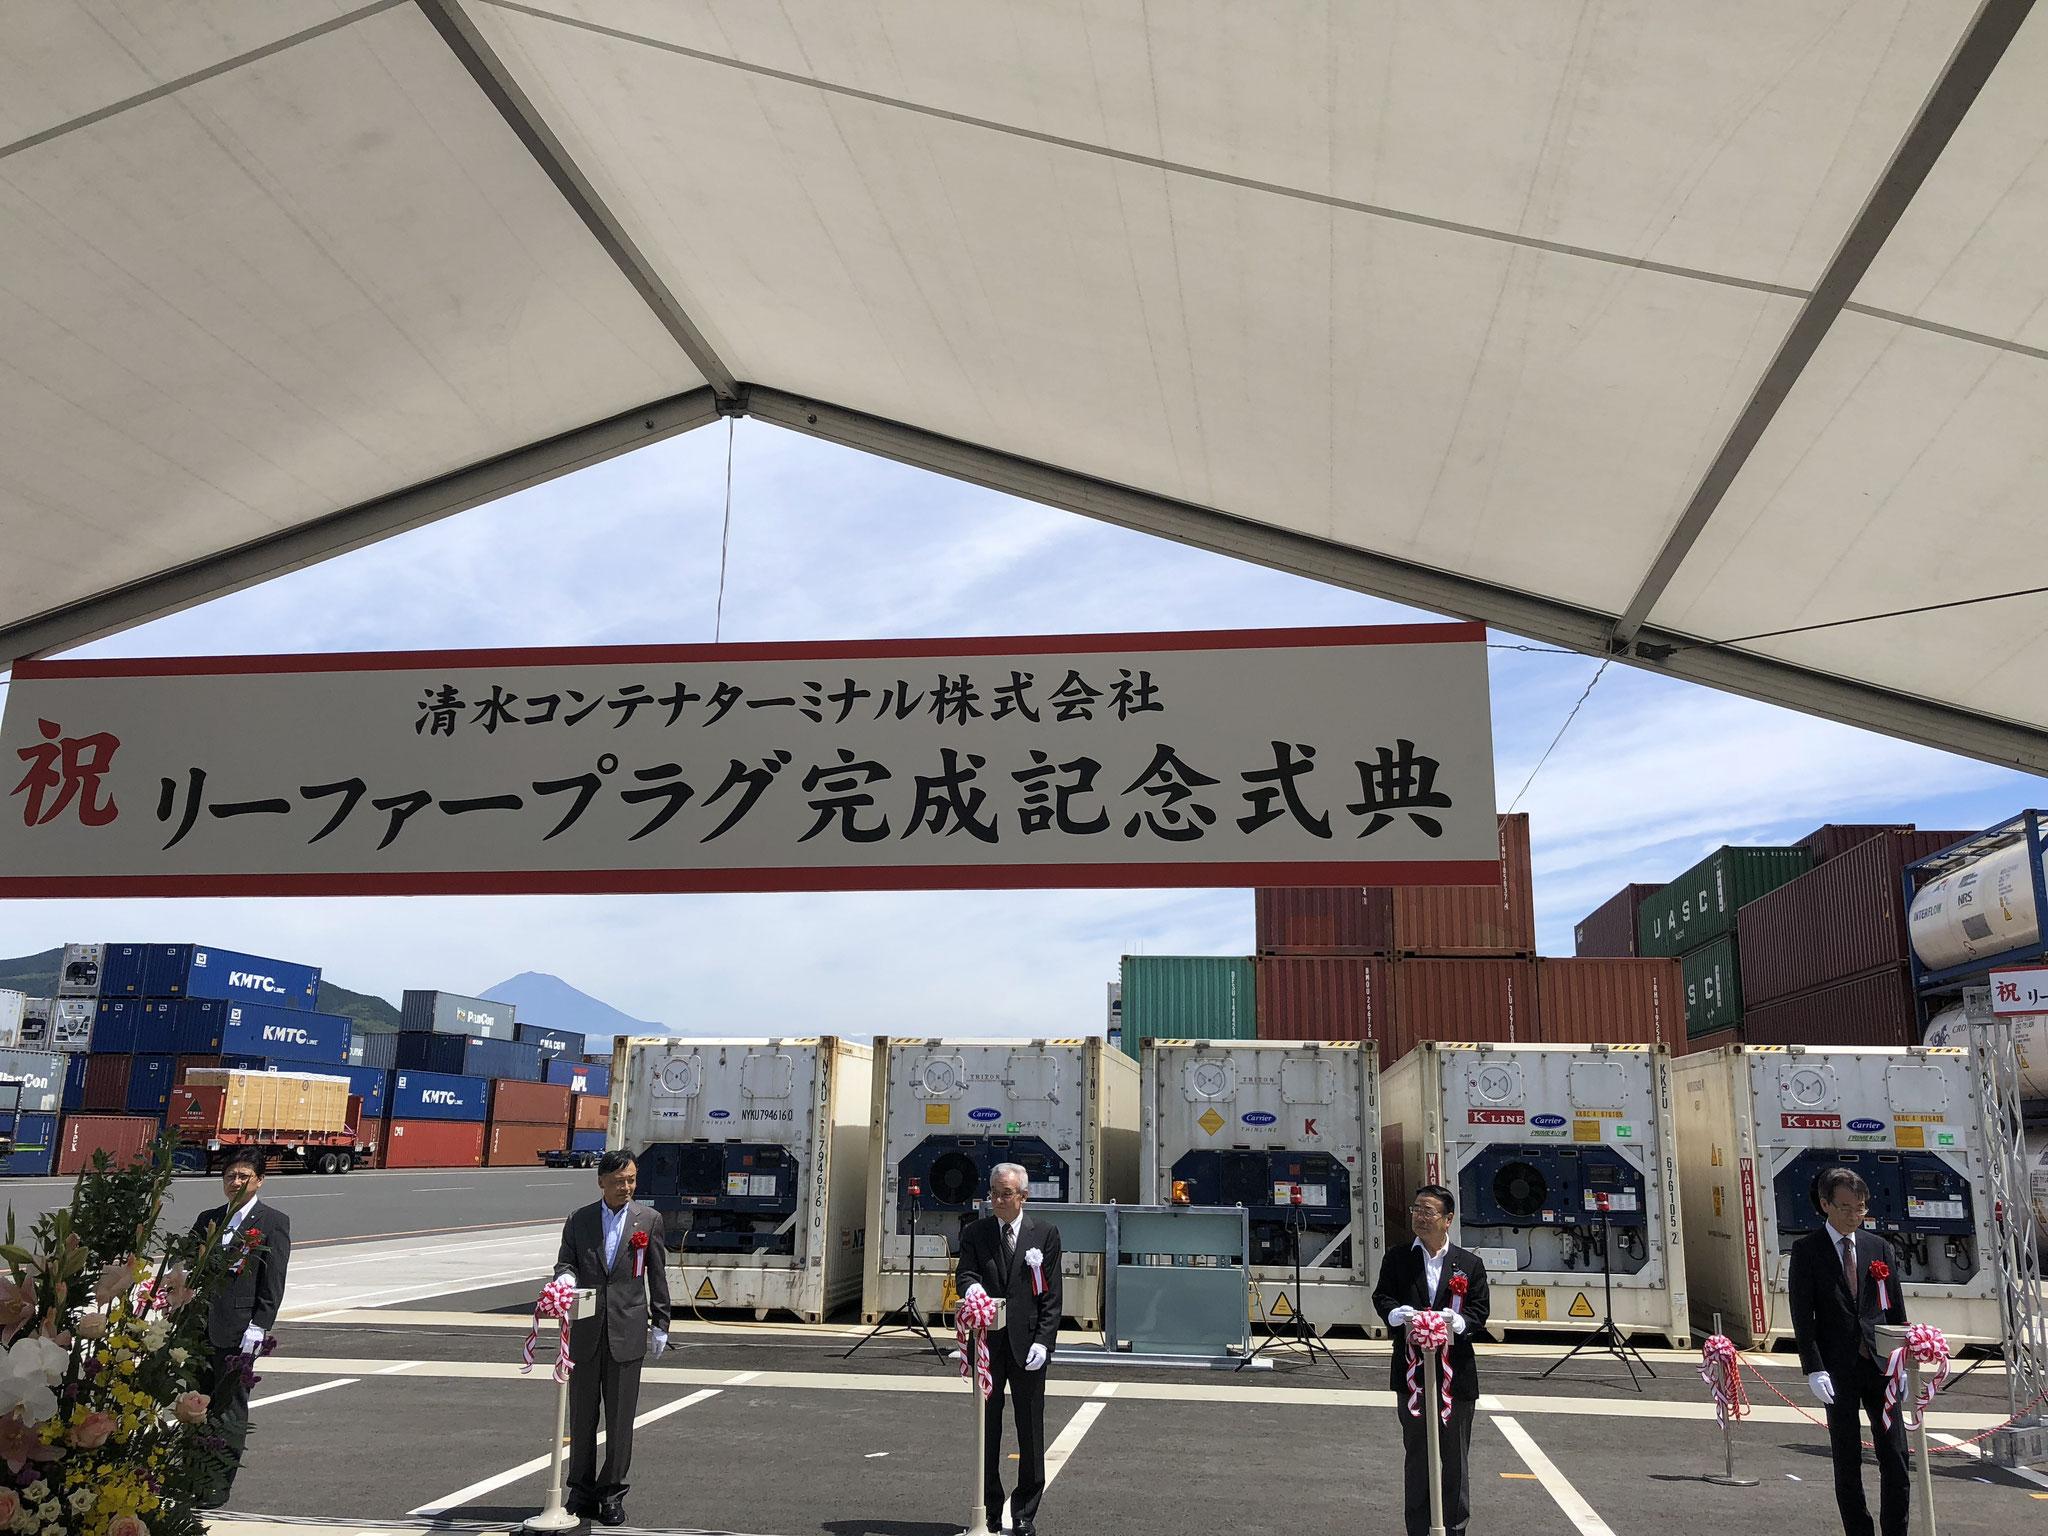 起動式:(左から)田辺市長、難波副知事、松浦社長、望月議員、下司局長